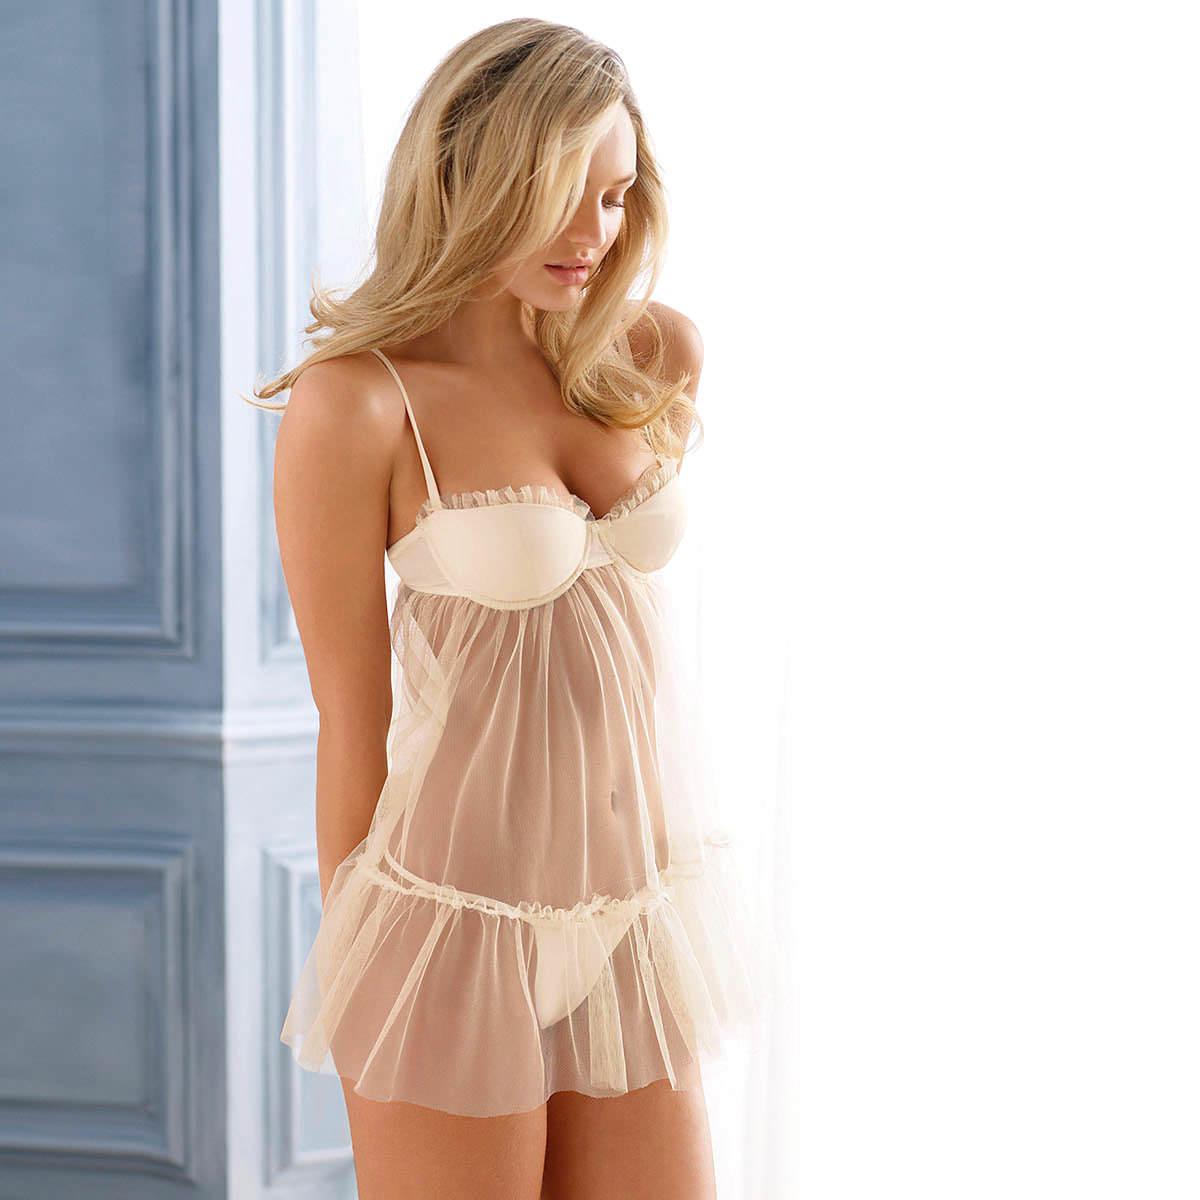 グラマラスバディーが下着を付けててもエロ過ぎる海外美人のポルノ画像 131